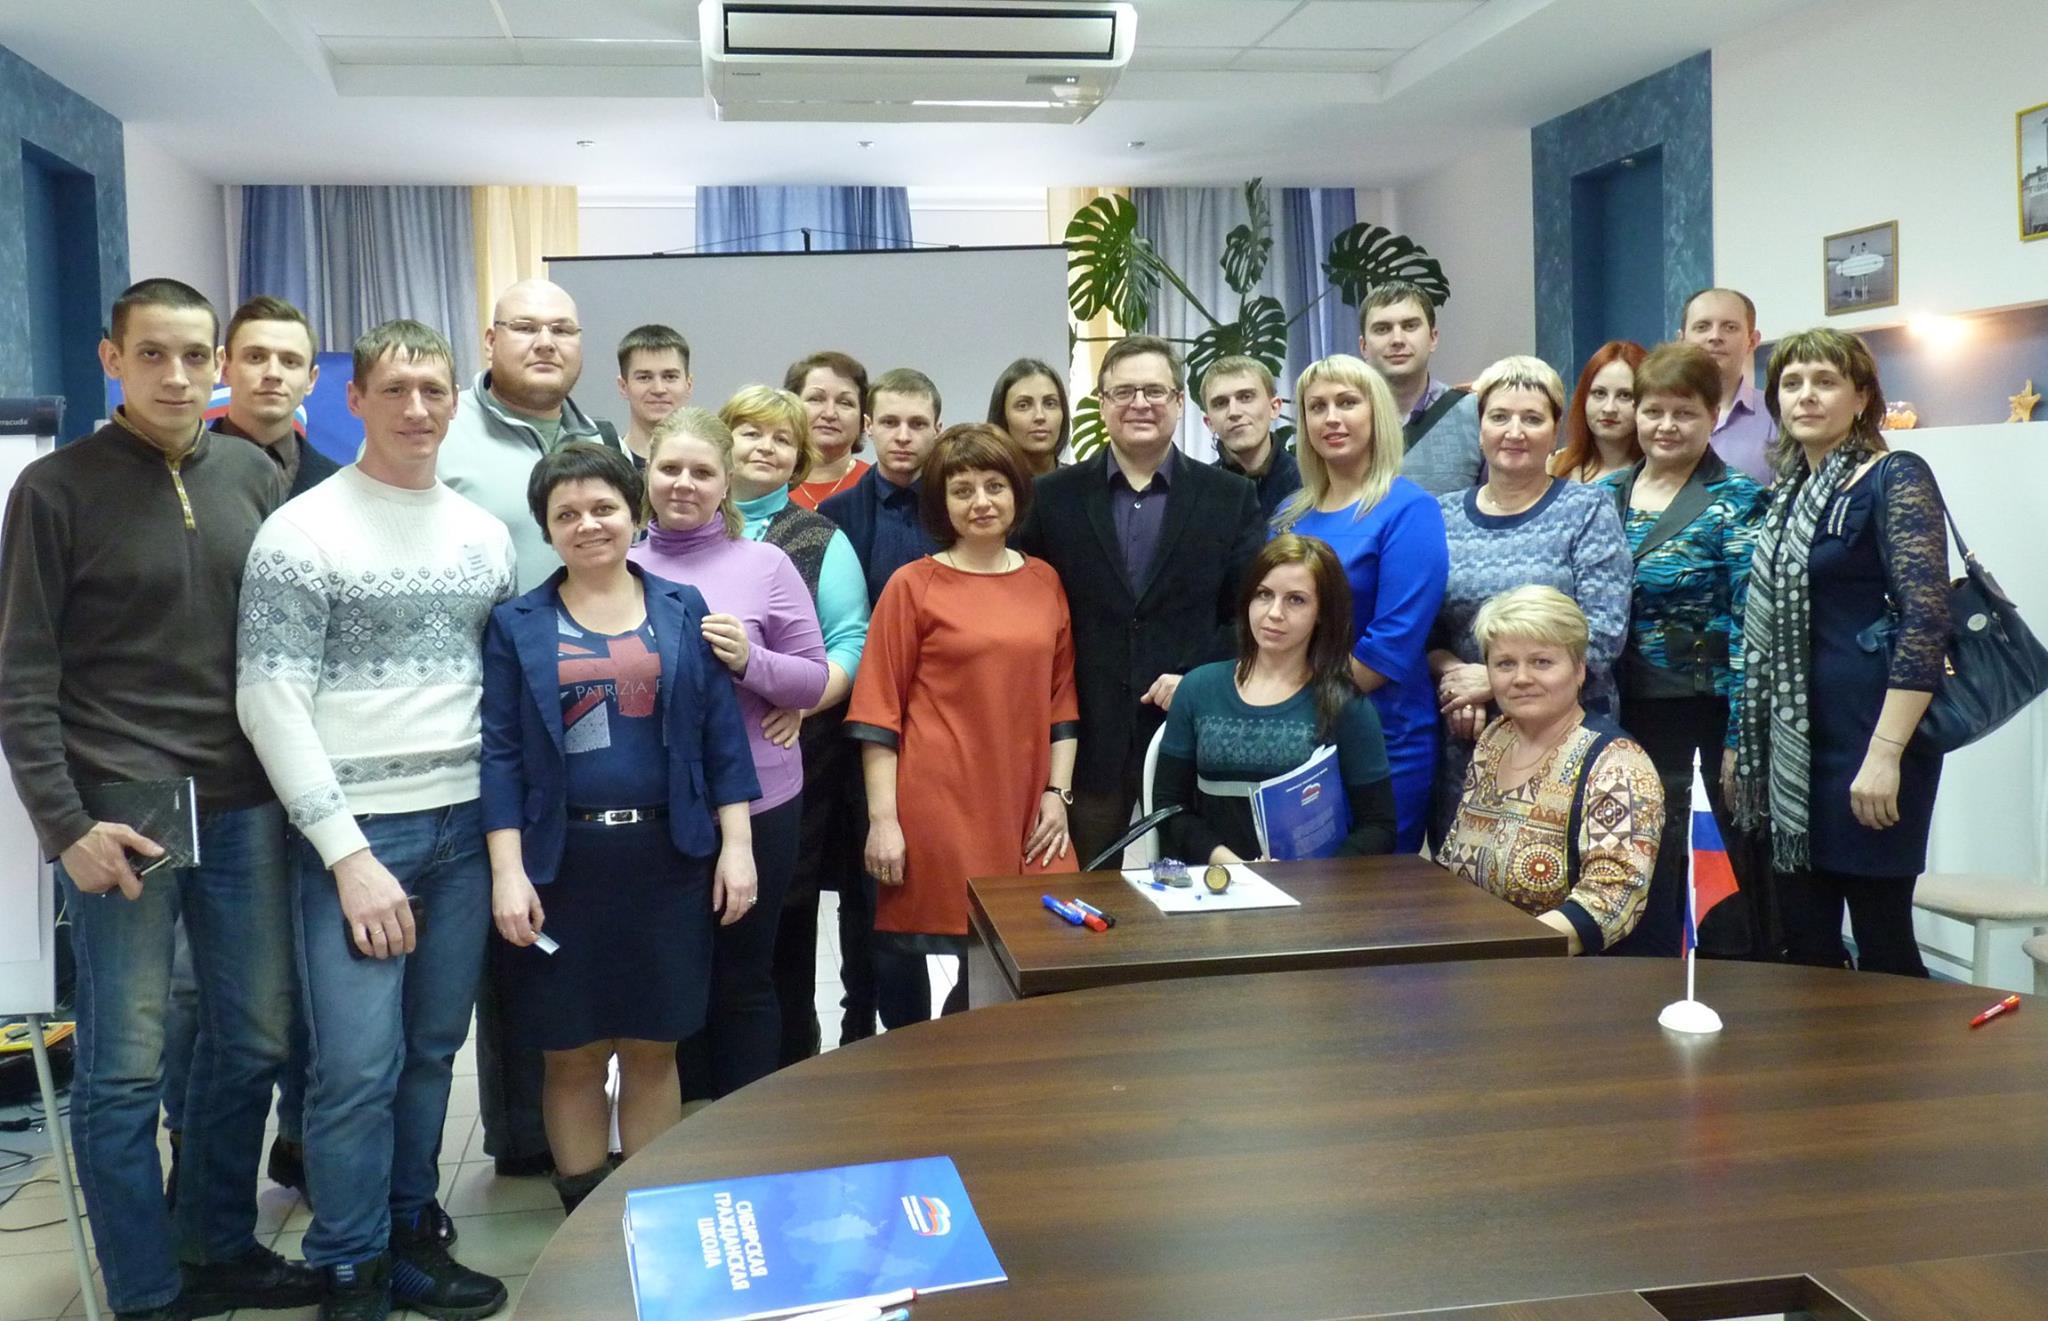 Сибирская гражданская школа Ачинск Гуманитарные технологии